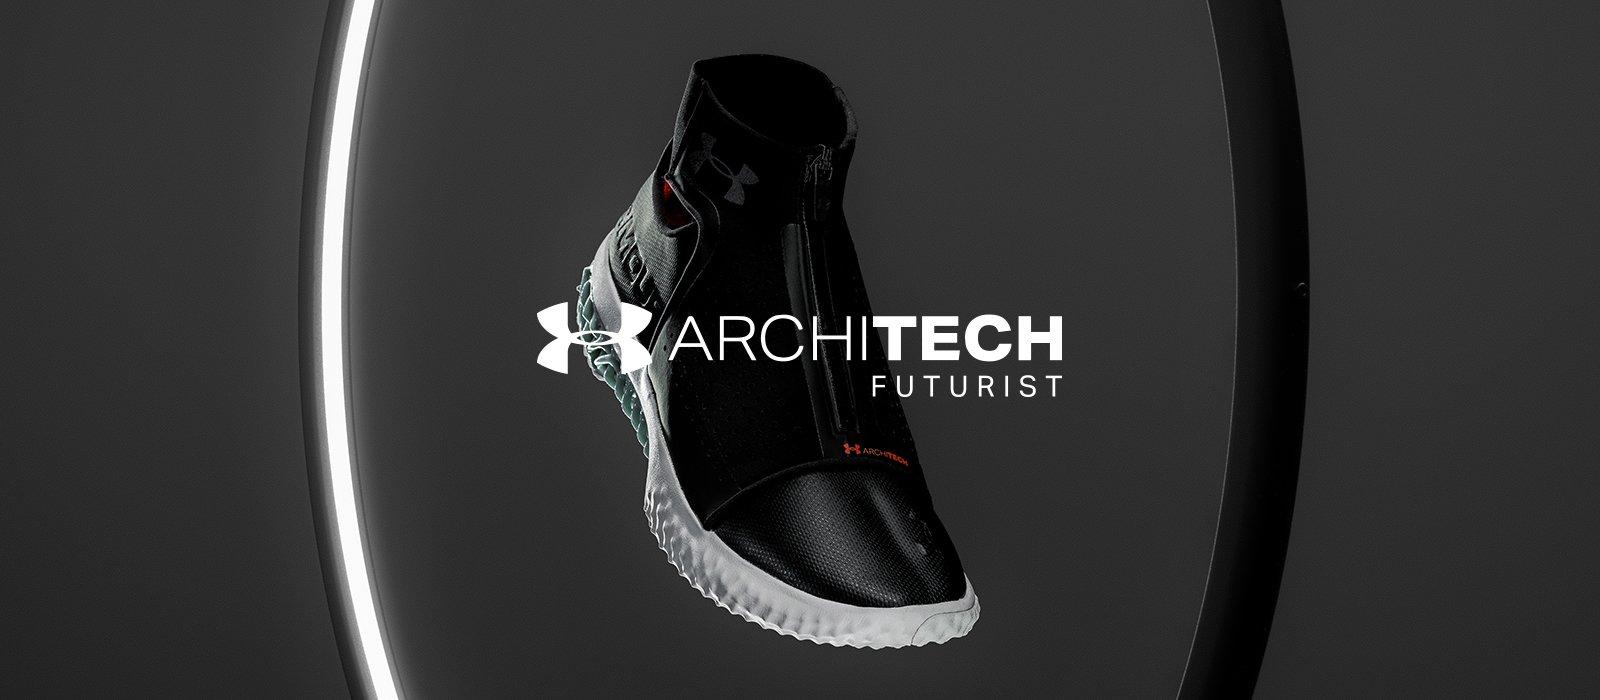 アンダーアーマーが最新の3Dプリントシューズ「アーキテック・フューチャリスト・スニーカー」をリリース